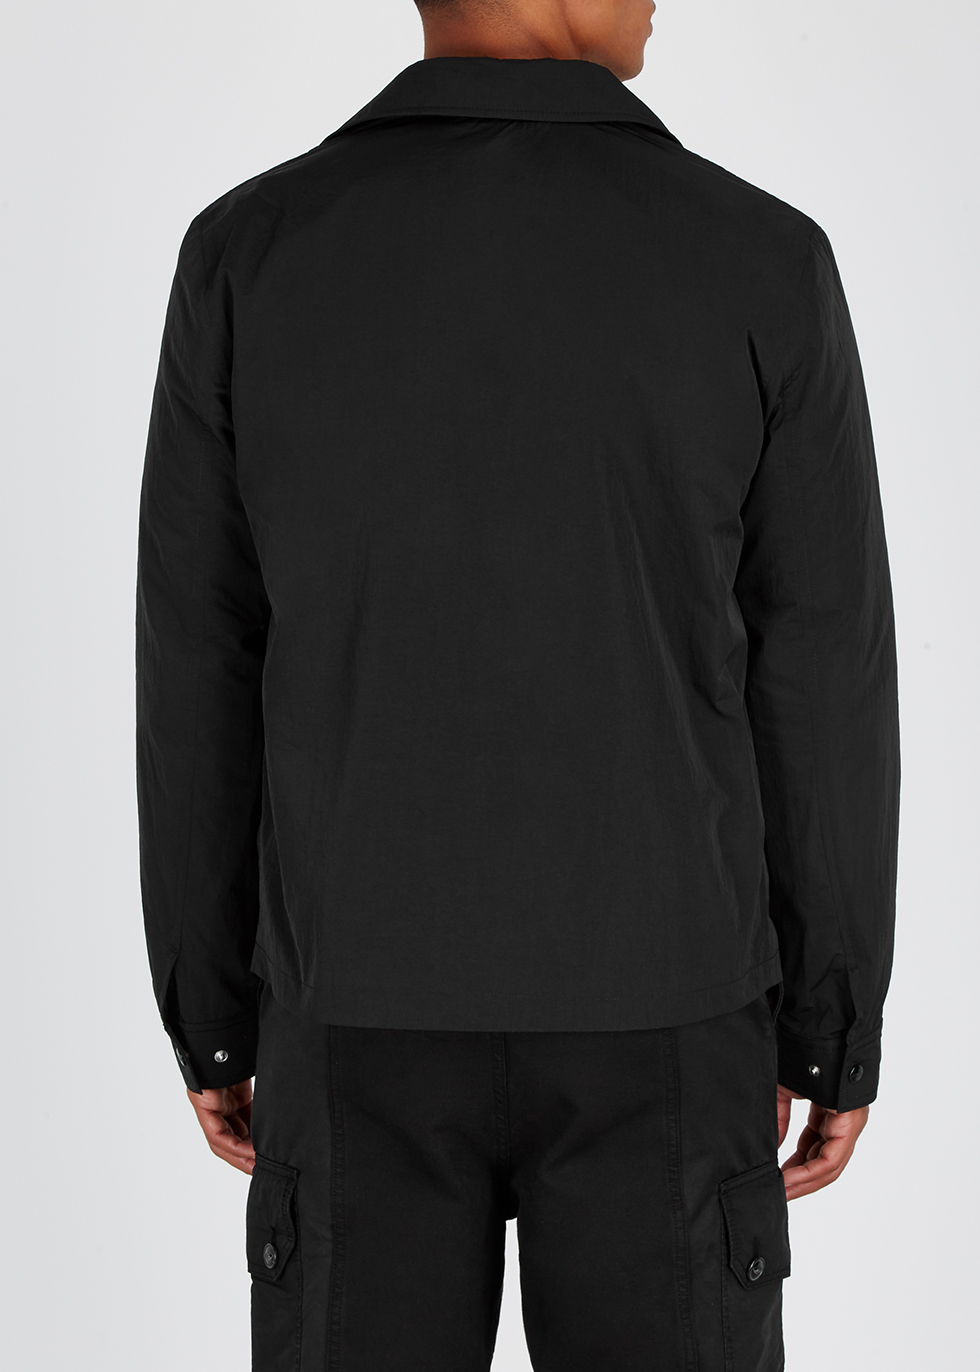 Black shell jacket - AMI